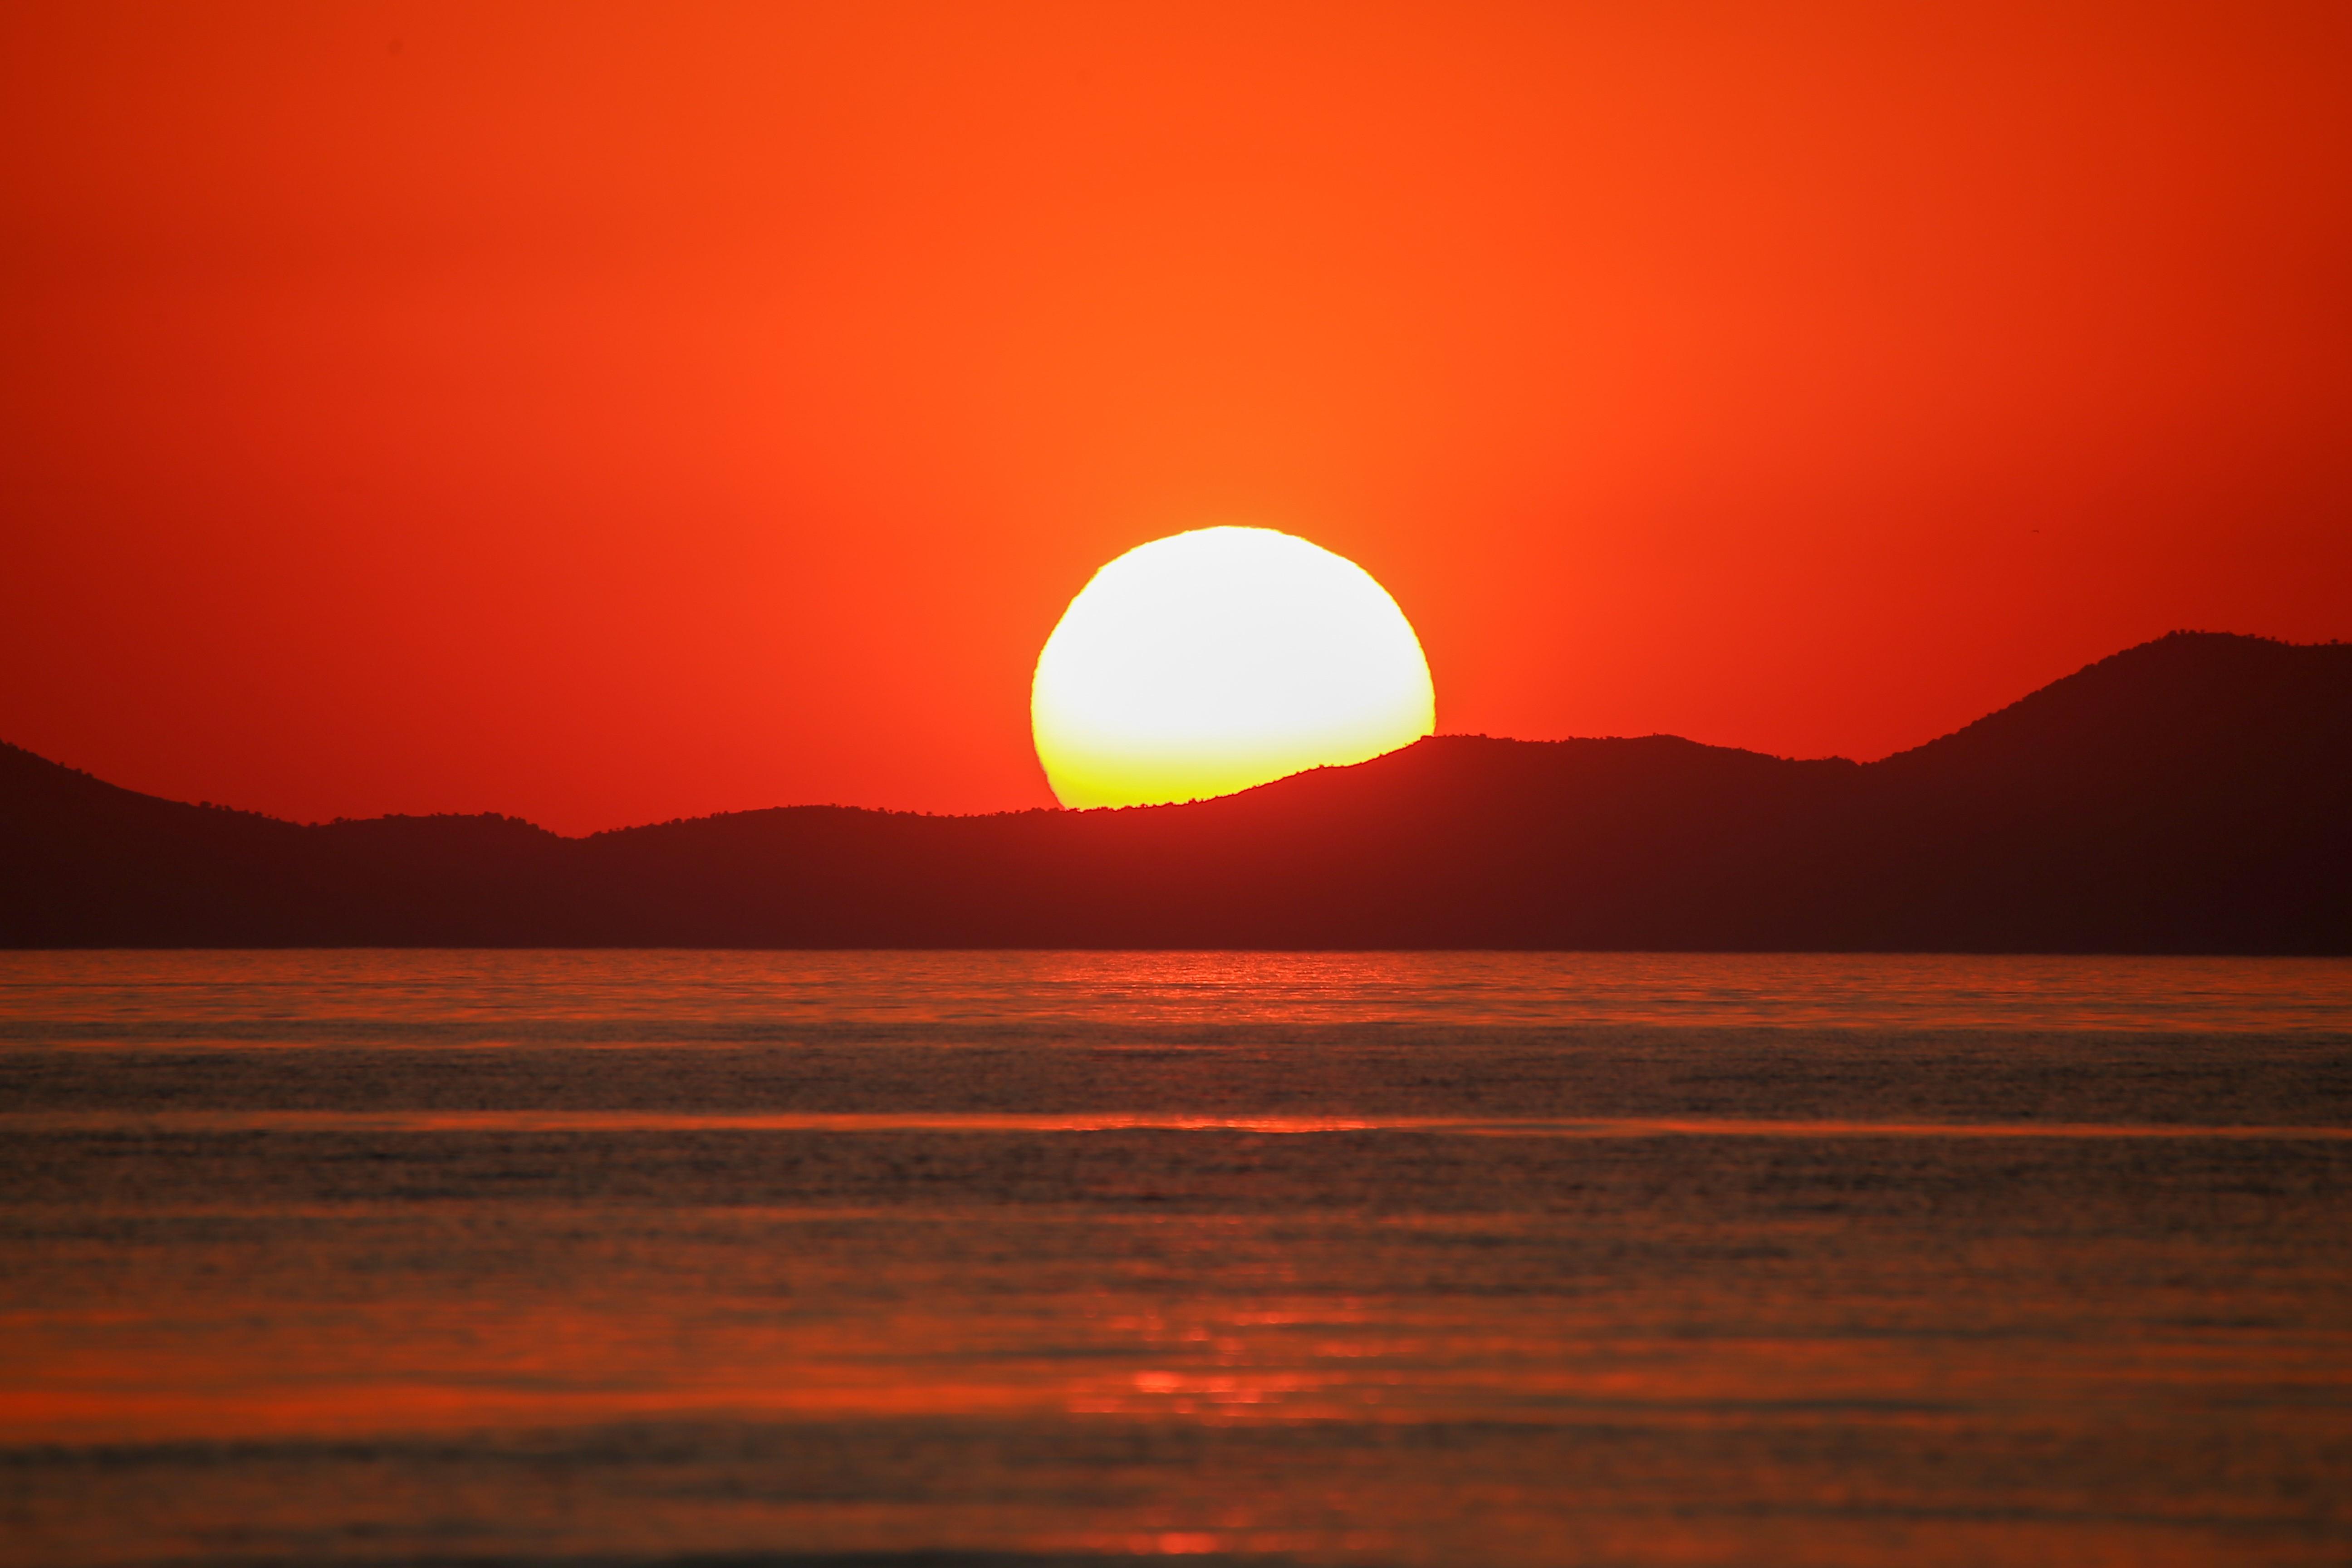 Sunset in Turkey's Van